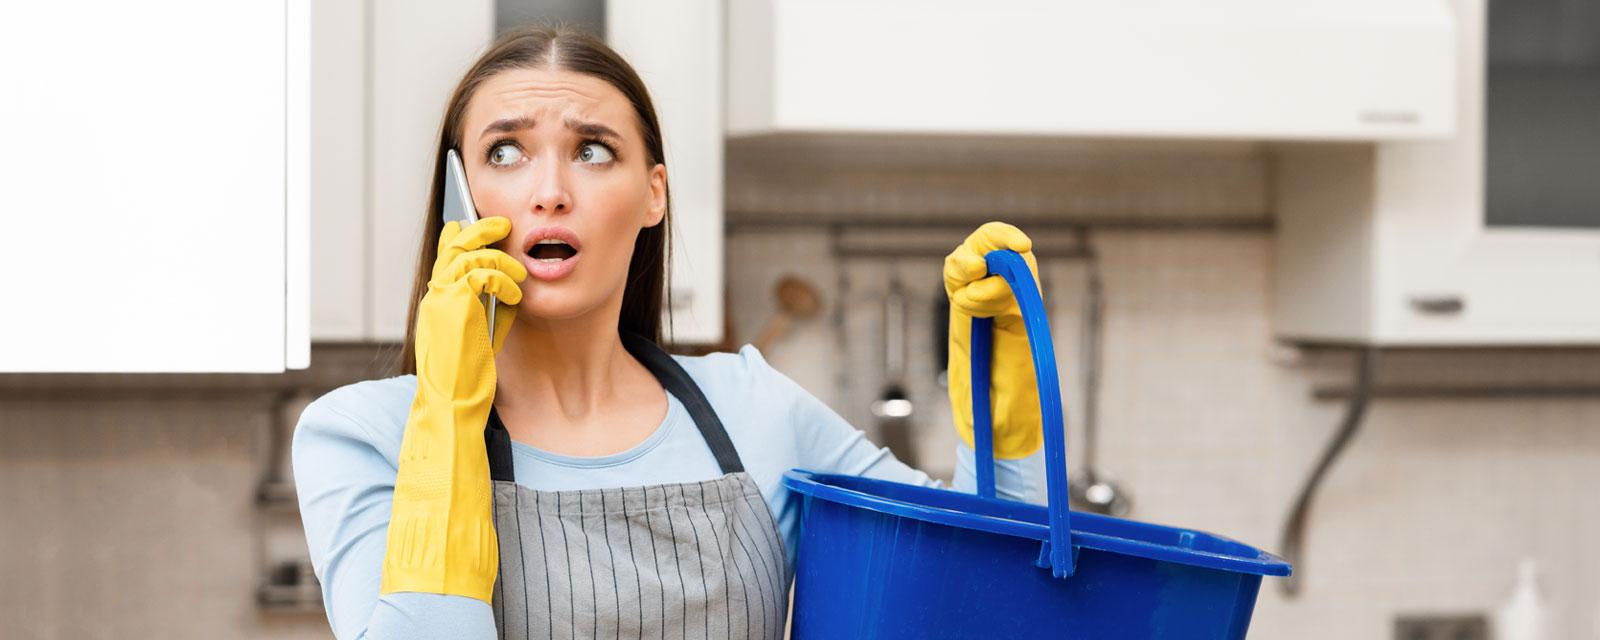 Trouver un plombier en urgence, ce qu'il faut savoir